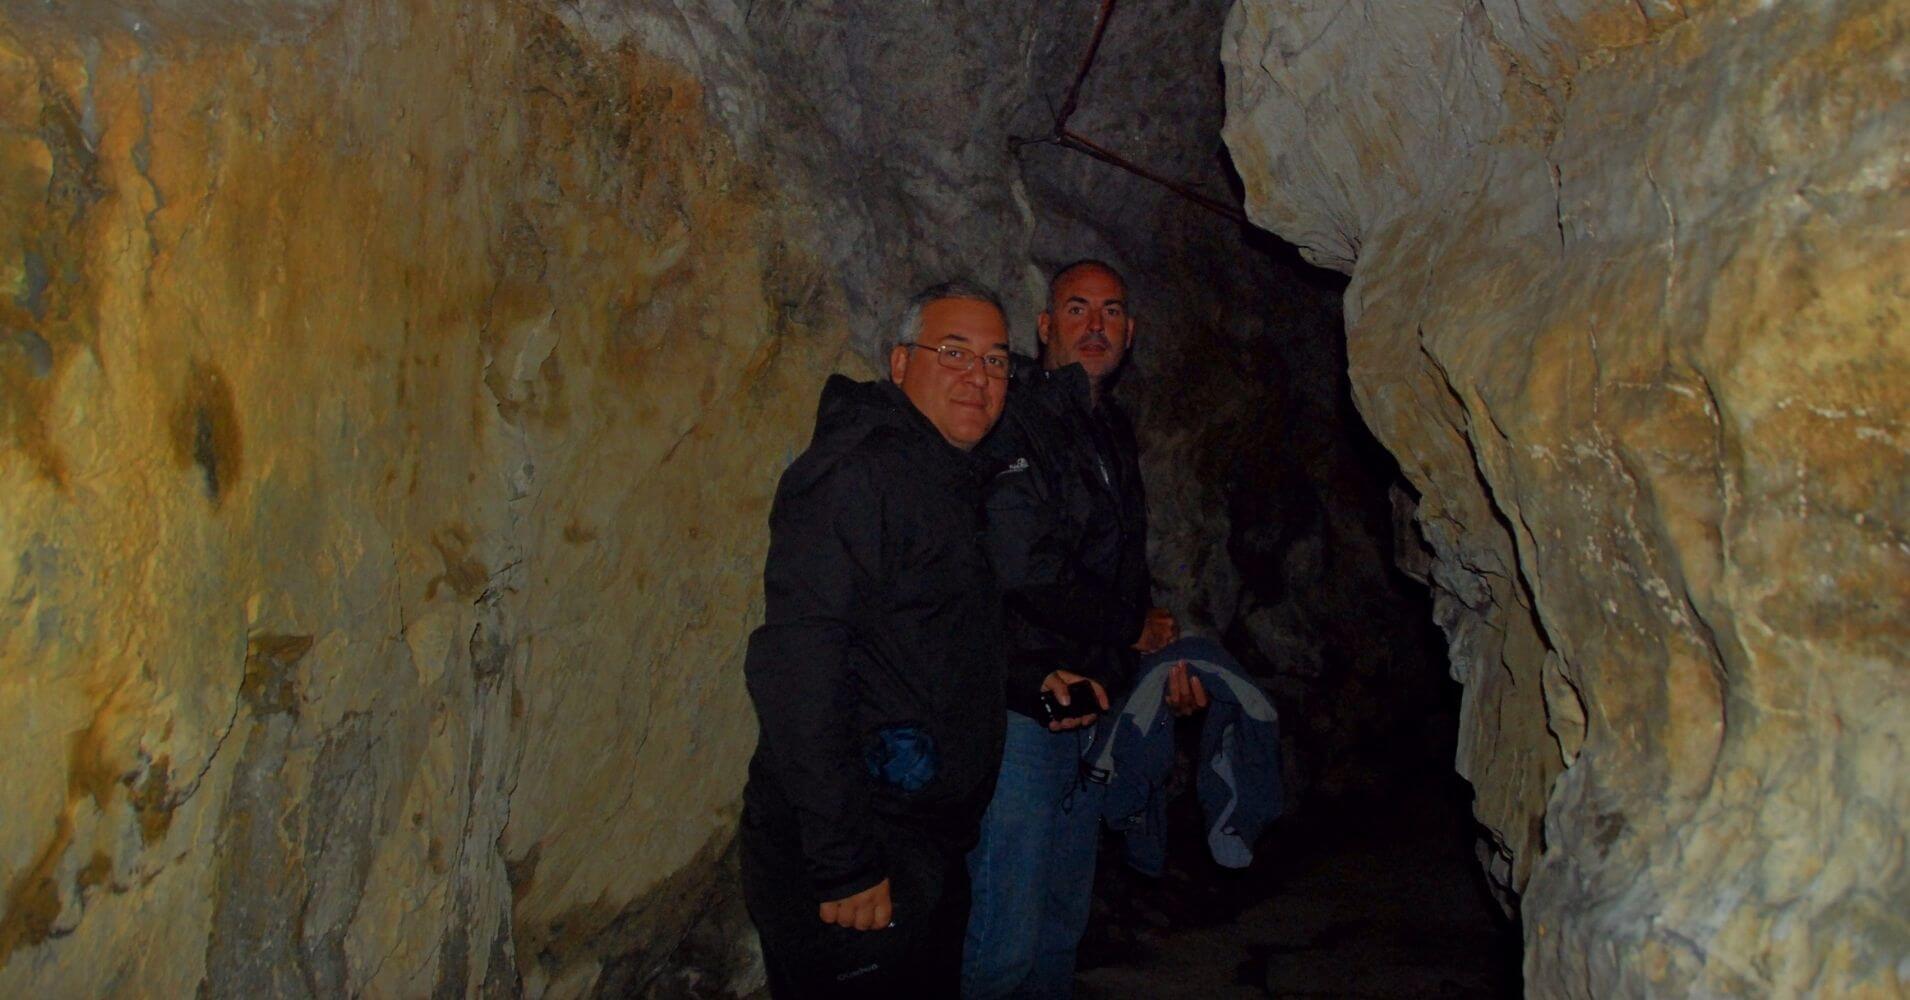 Interior de la Cueva de las Hadas. St. Maurice. Valais, Suiza.